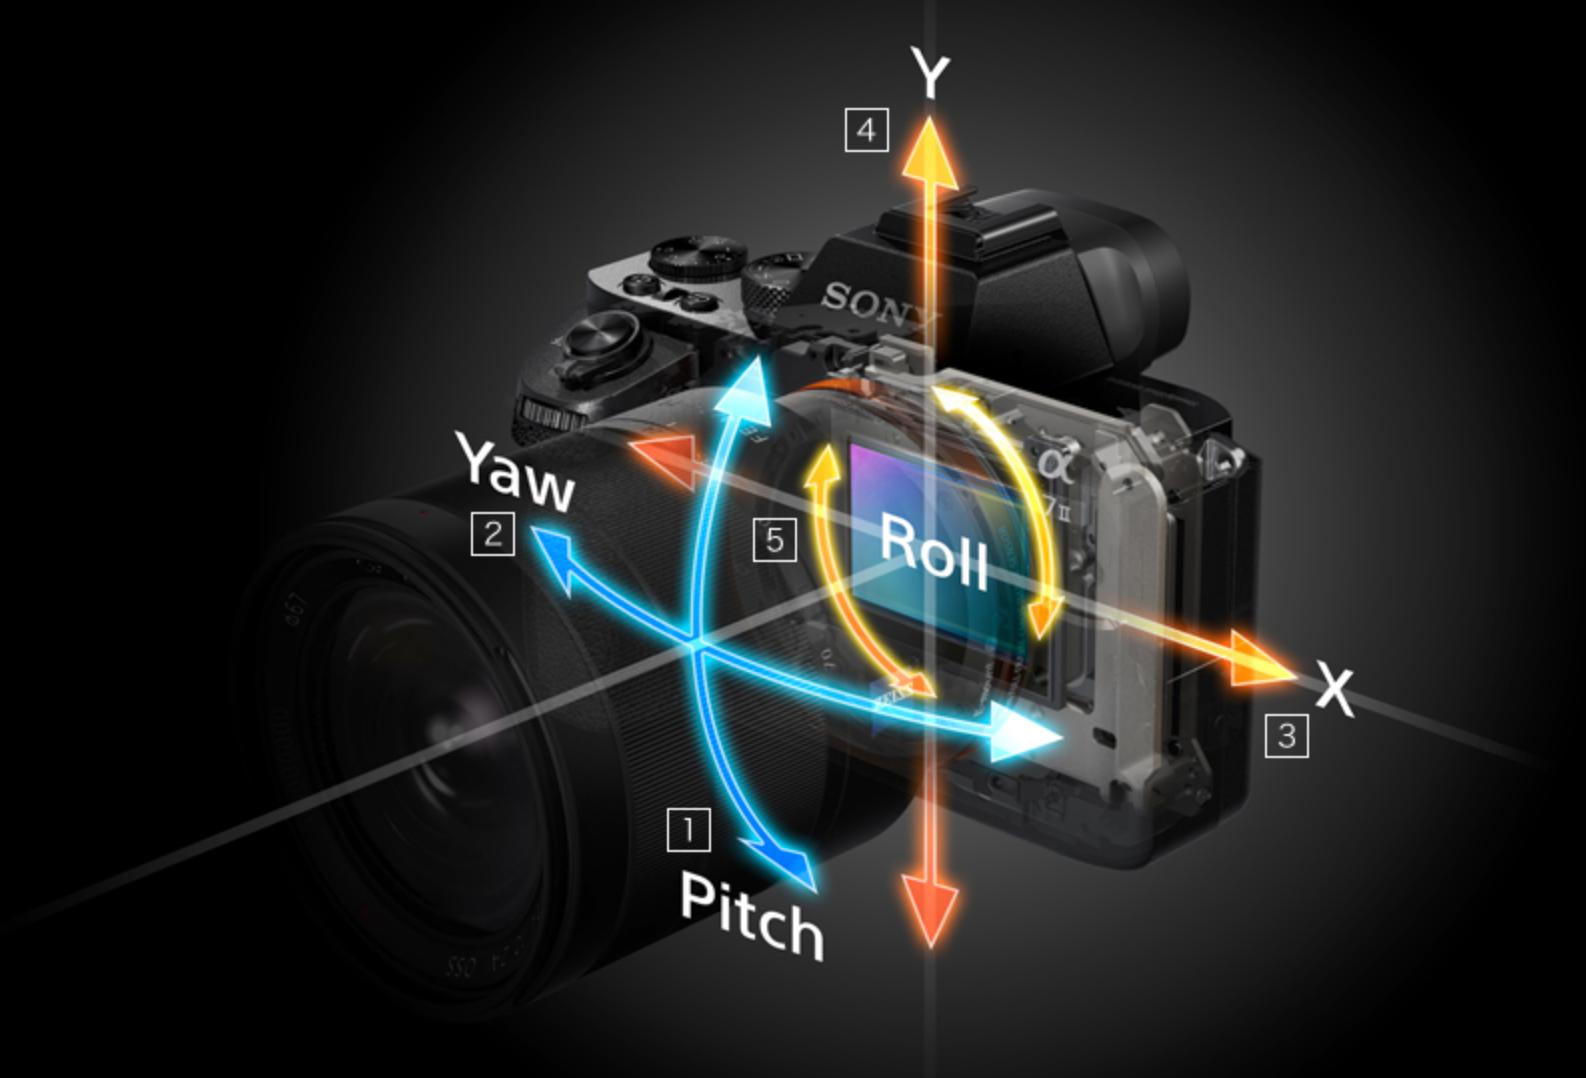 變得更完美!Sony 公佈 A7 II 全幅無反相機